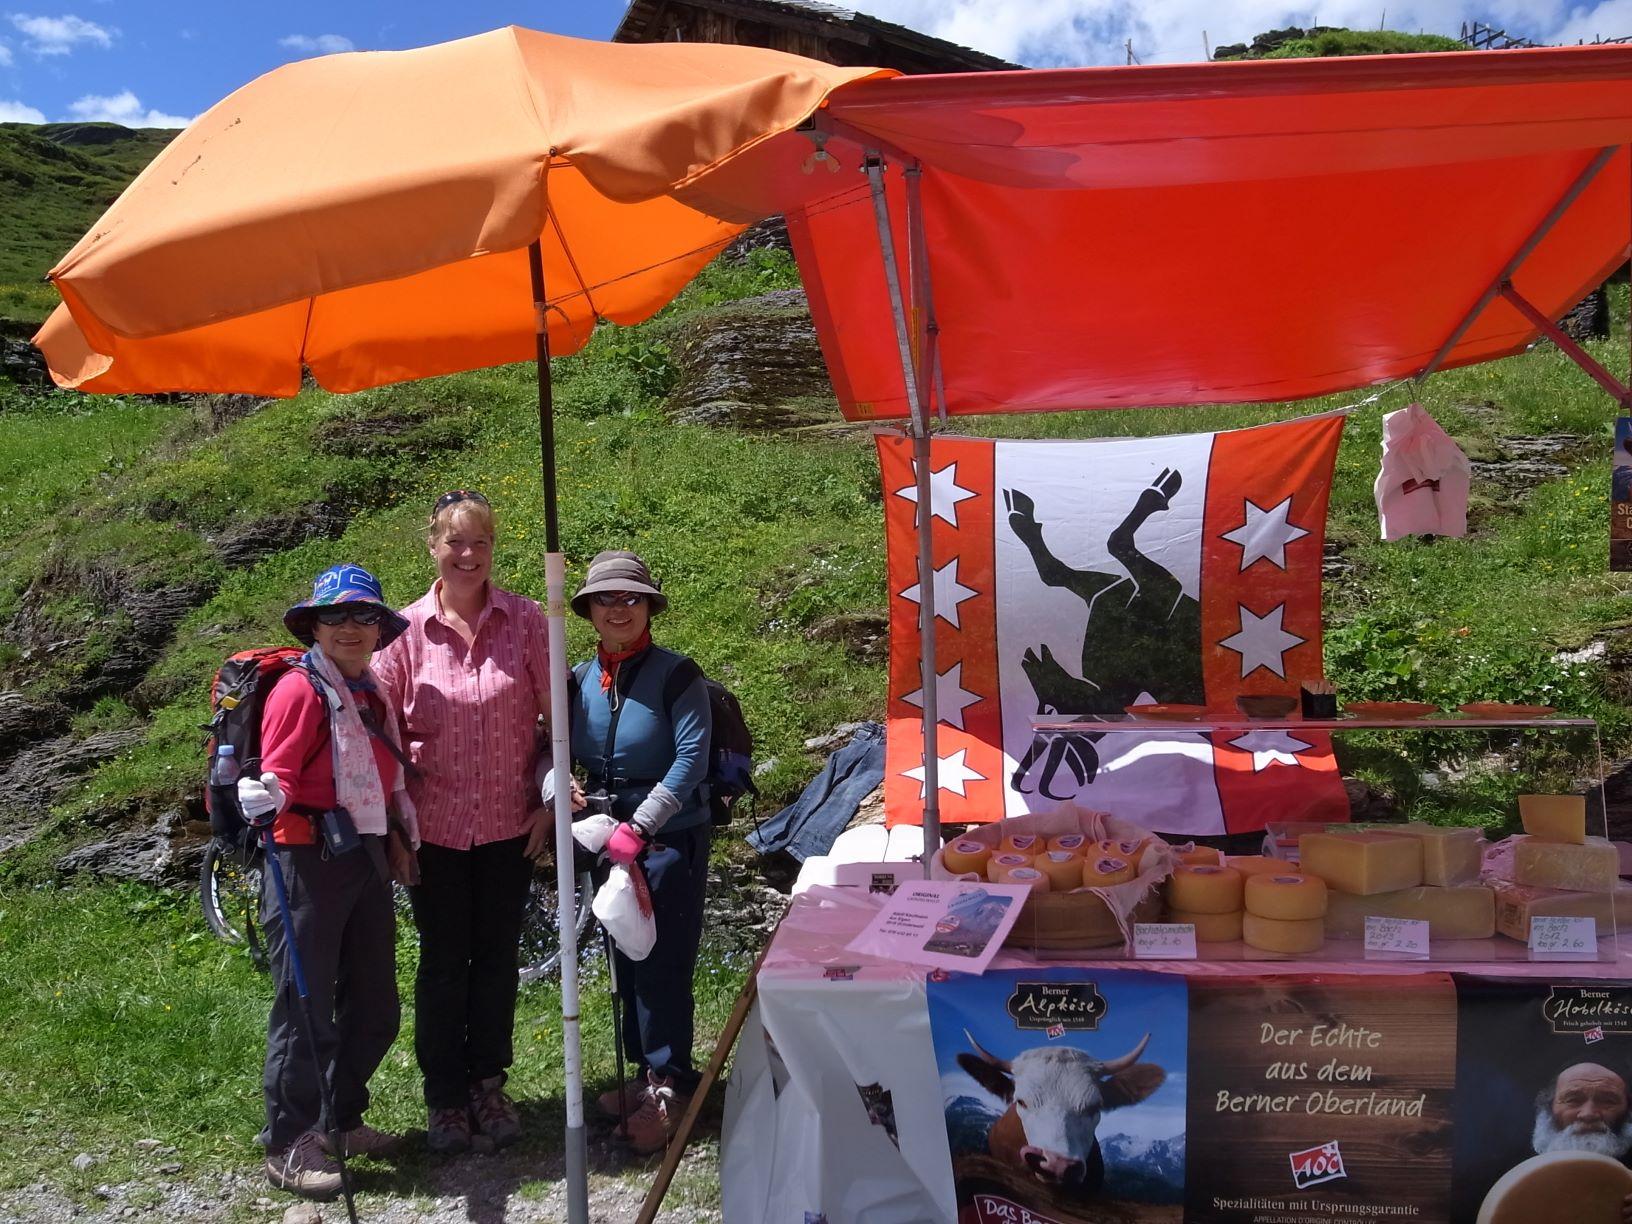 ハイキングの途中で出会った新鮮なチーズ販売